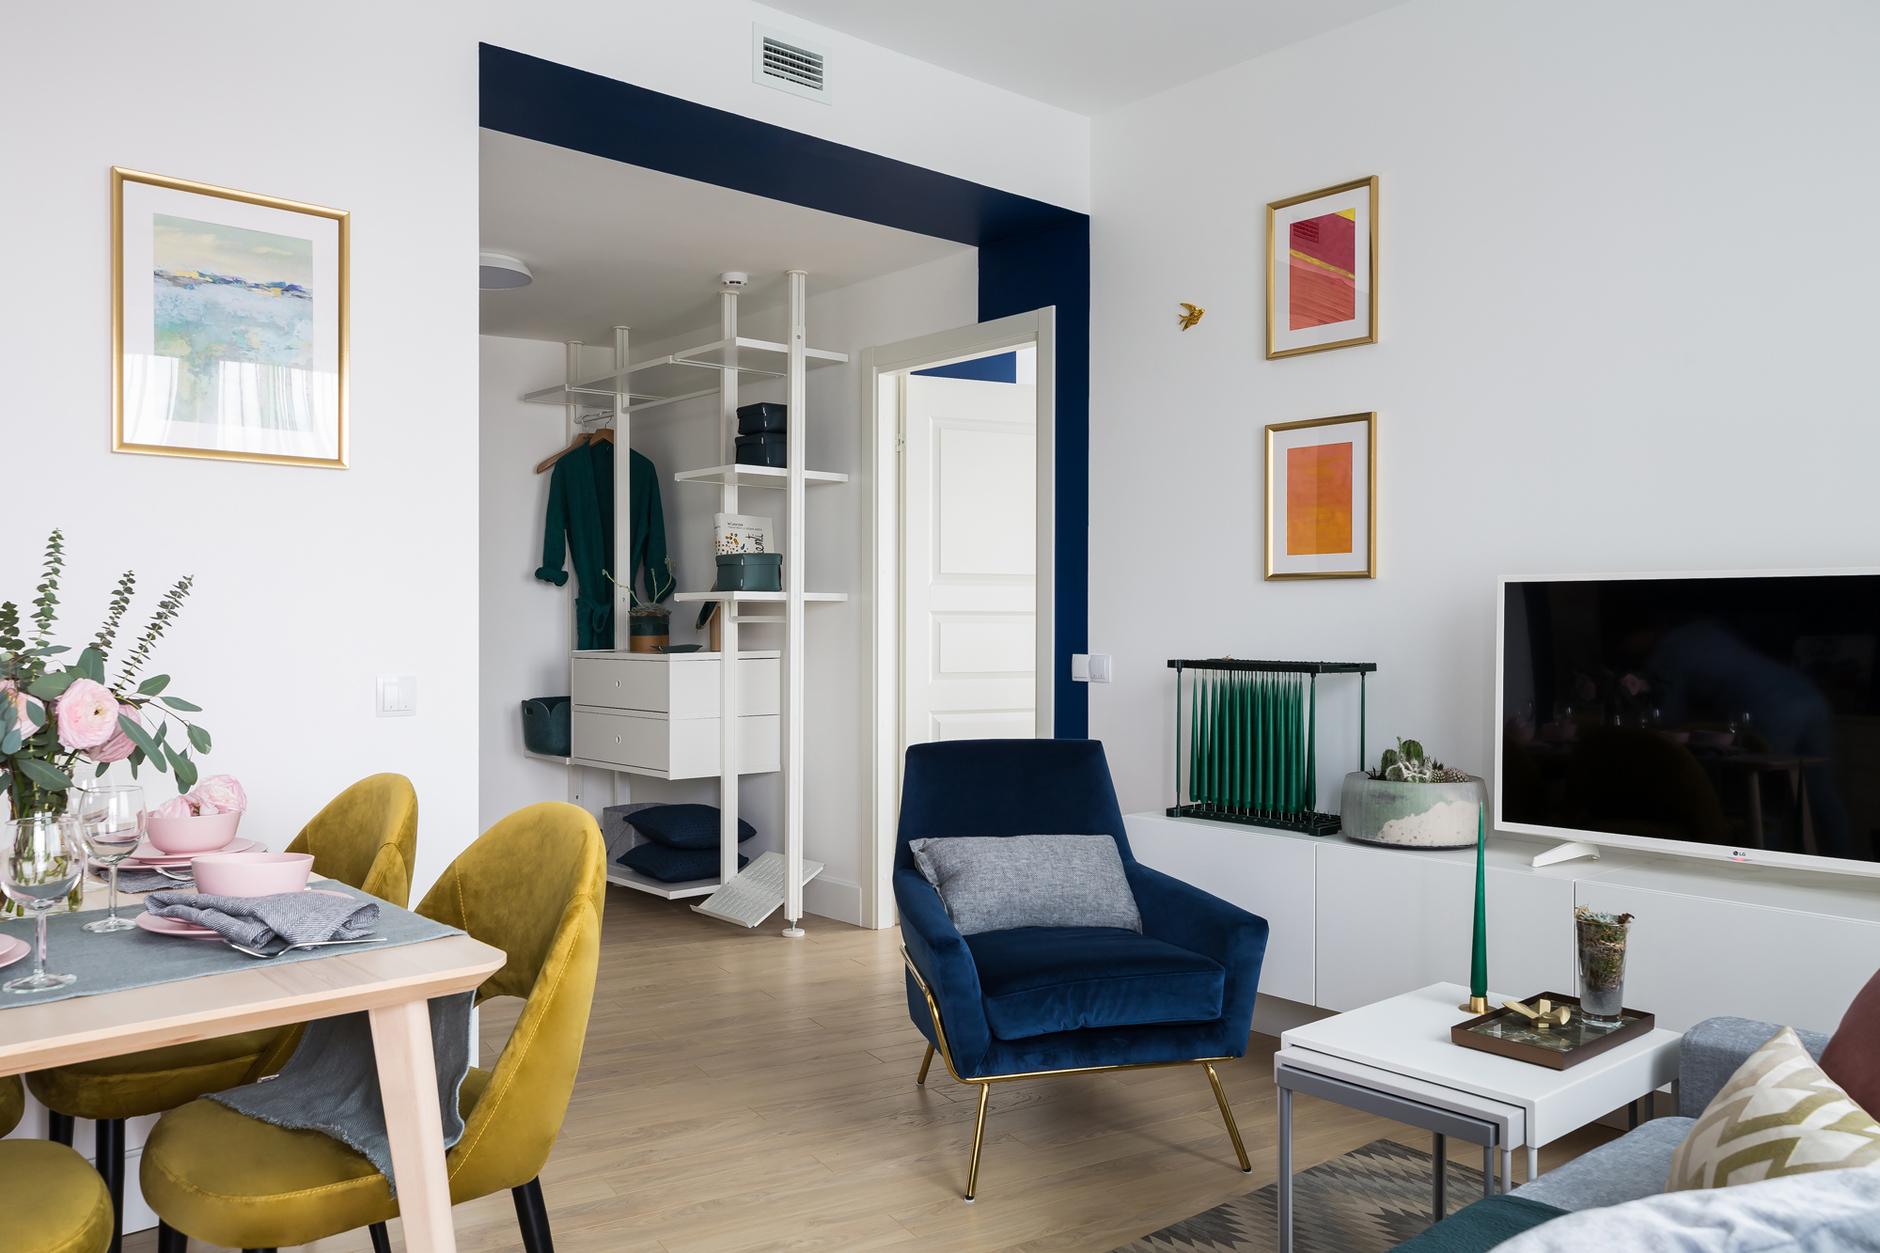 Как правильно подготовить квартиру для аренды_4